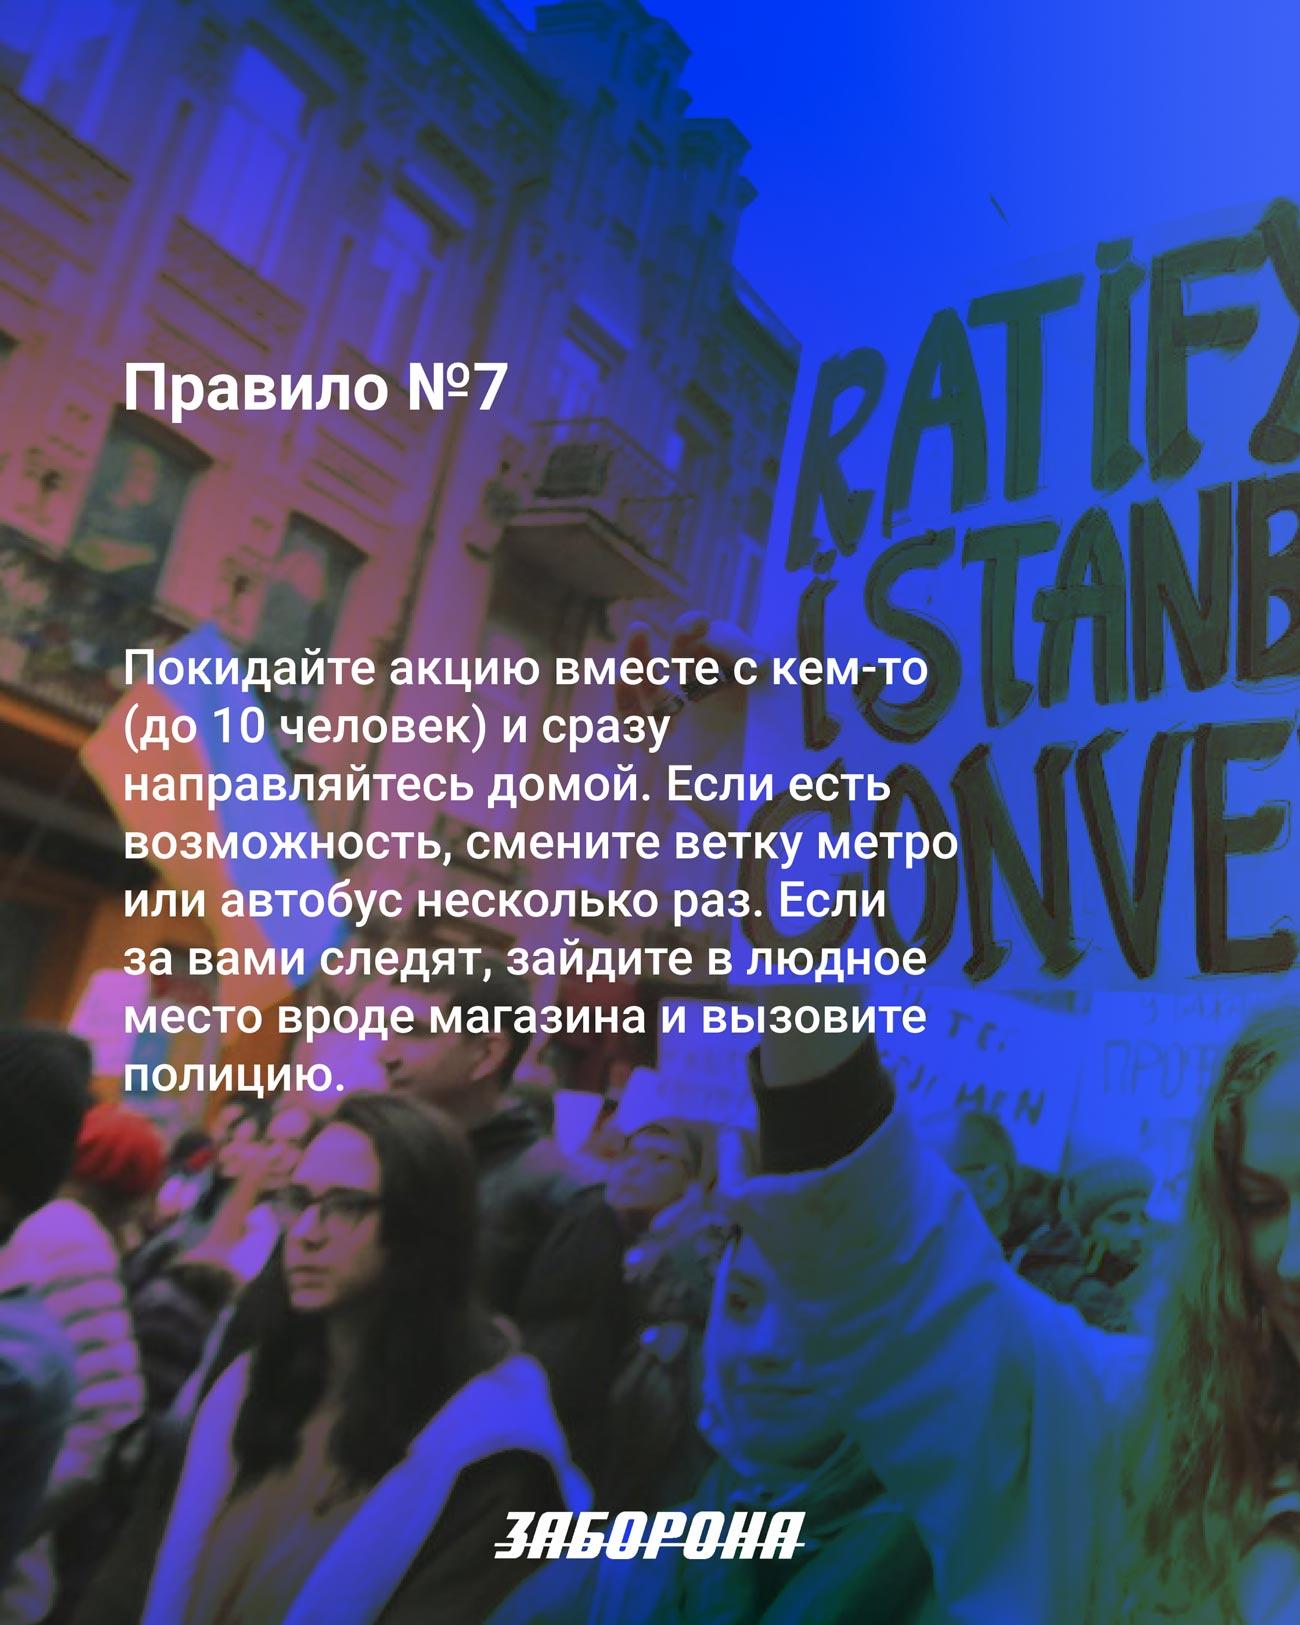 women march cards rule 7 ru - <b>Как сходить на марш и вернуться невредимой.</b> Краткая инструкция по безопасности - Заборона